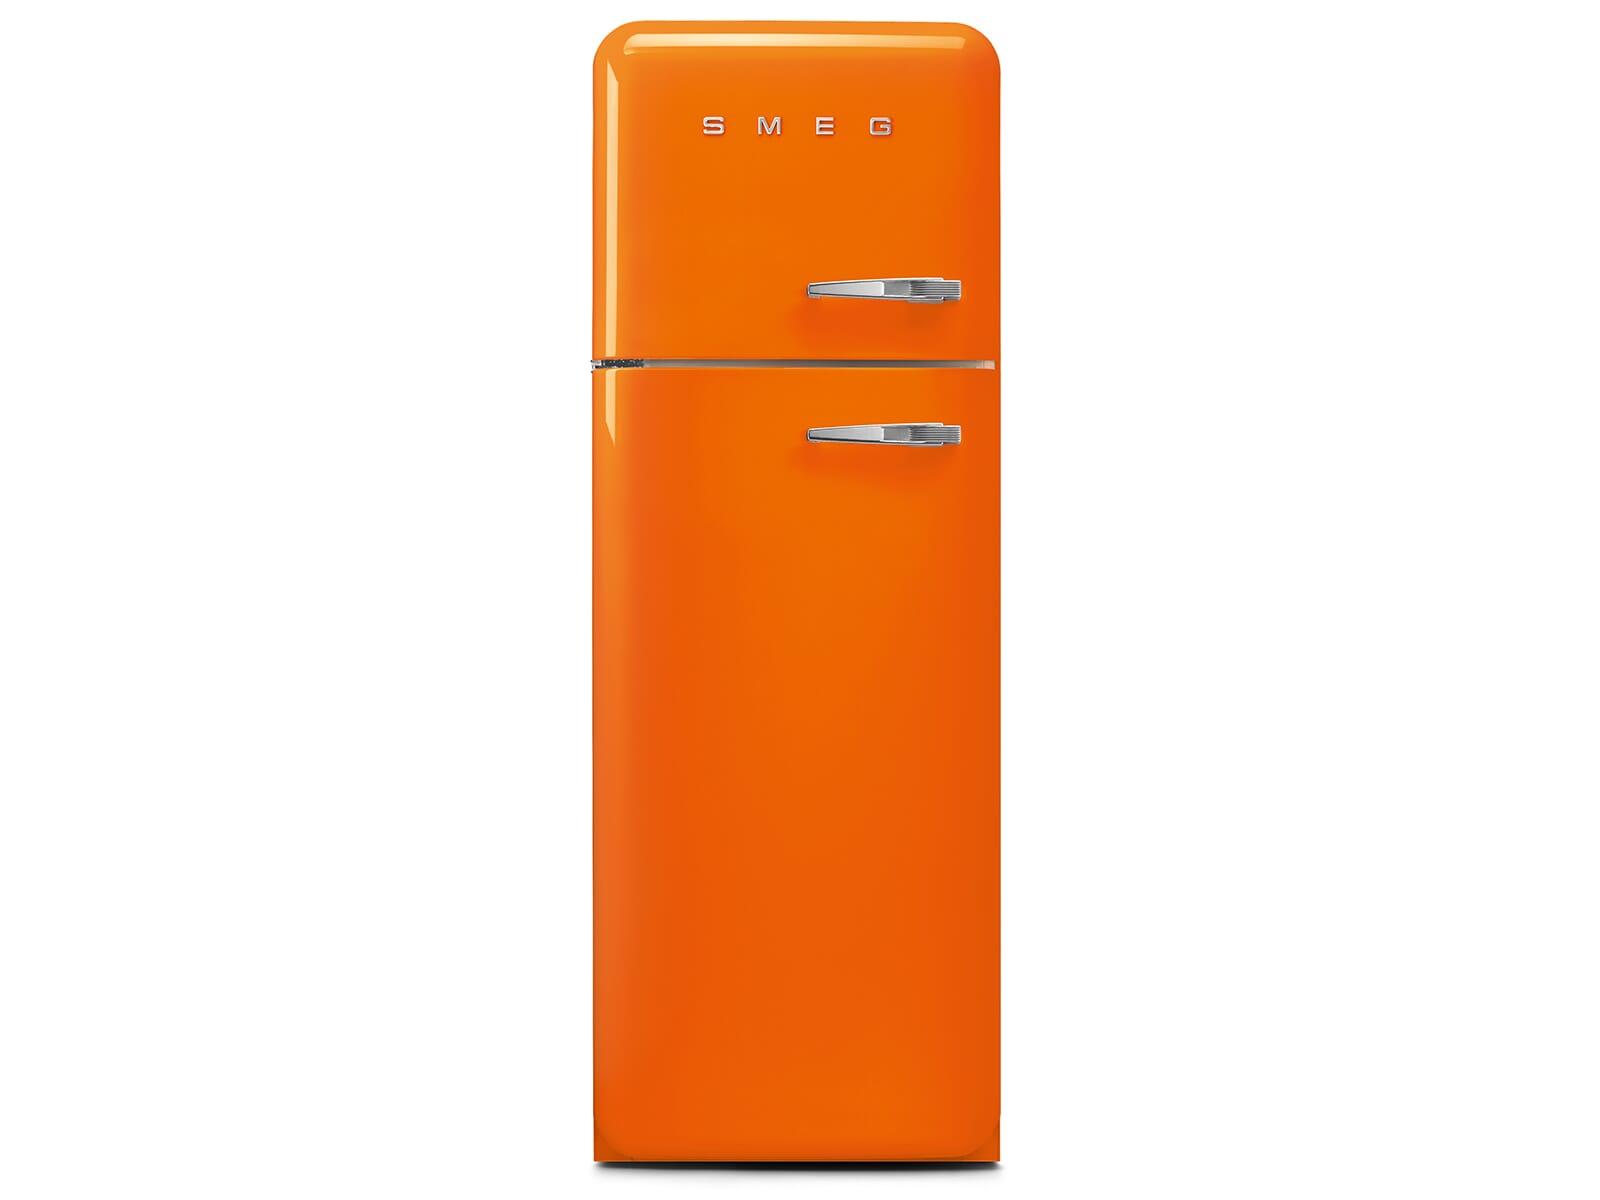 Smeg Kühlschrank 140 Cm : Smeg fab30lor3 standkühlschrank orange